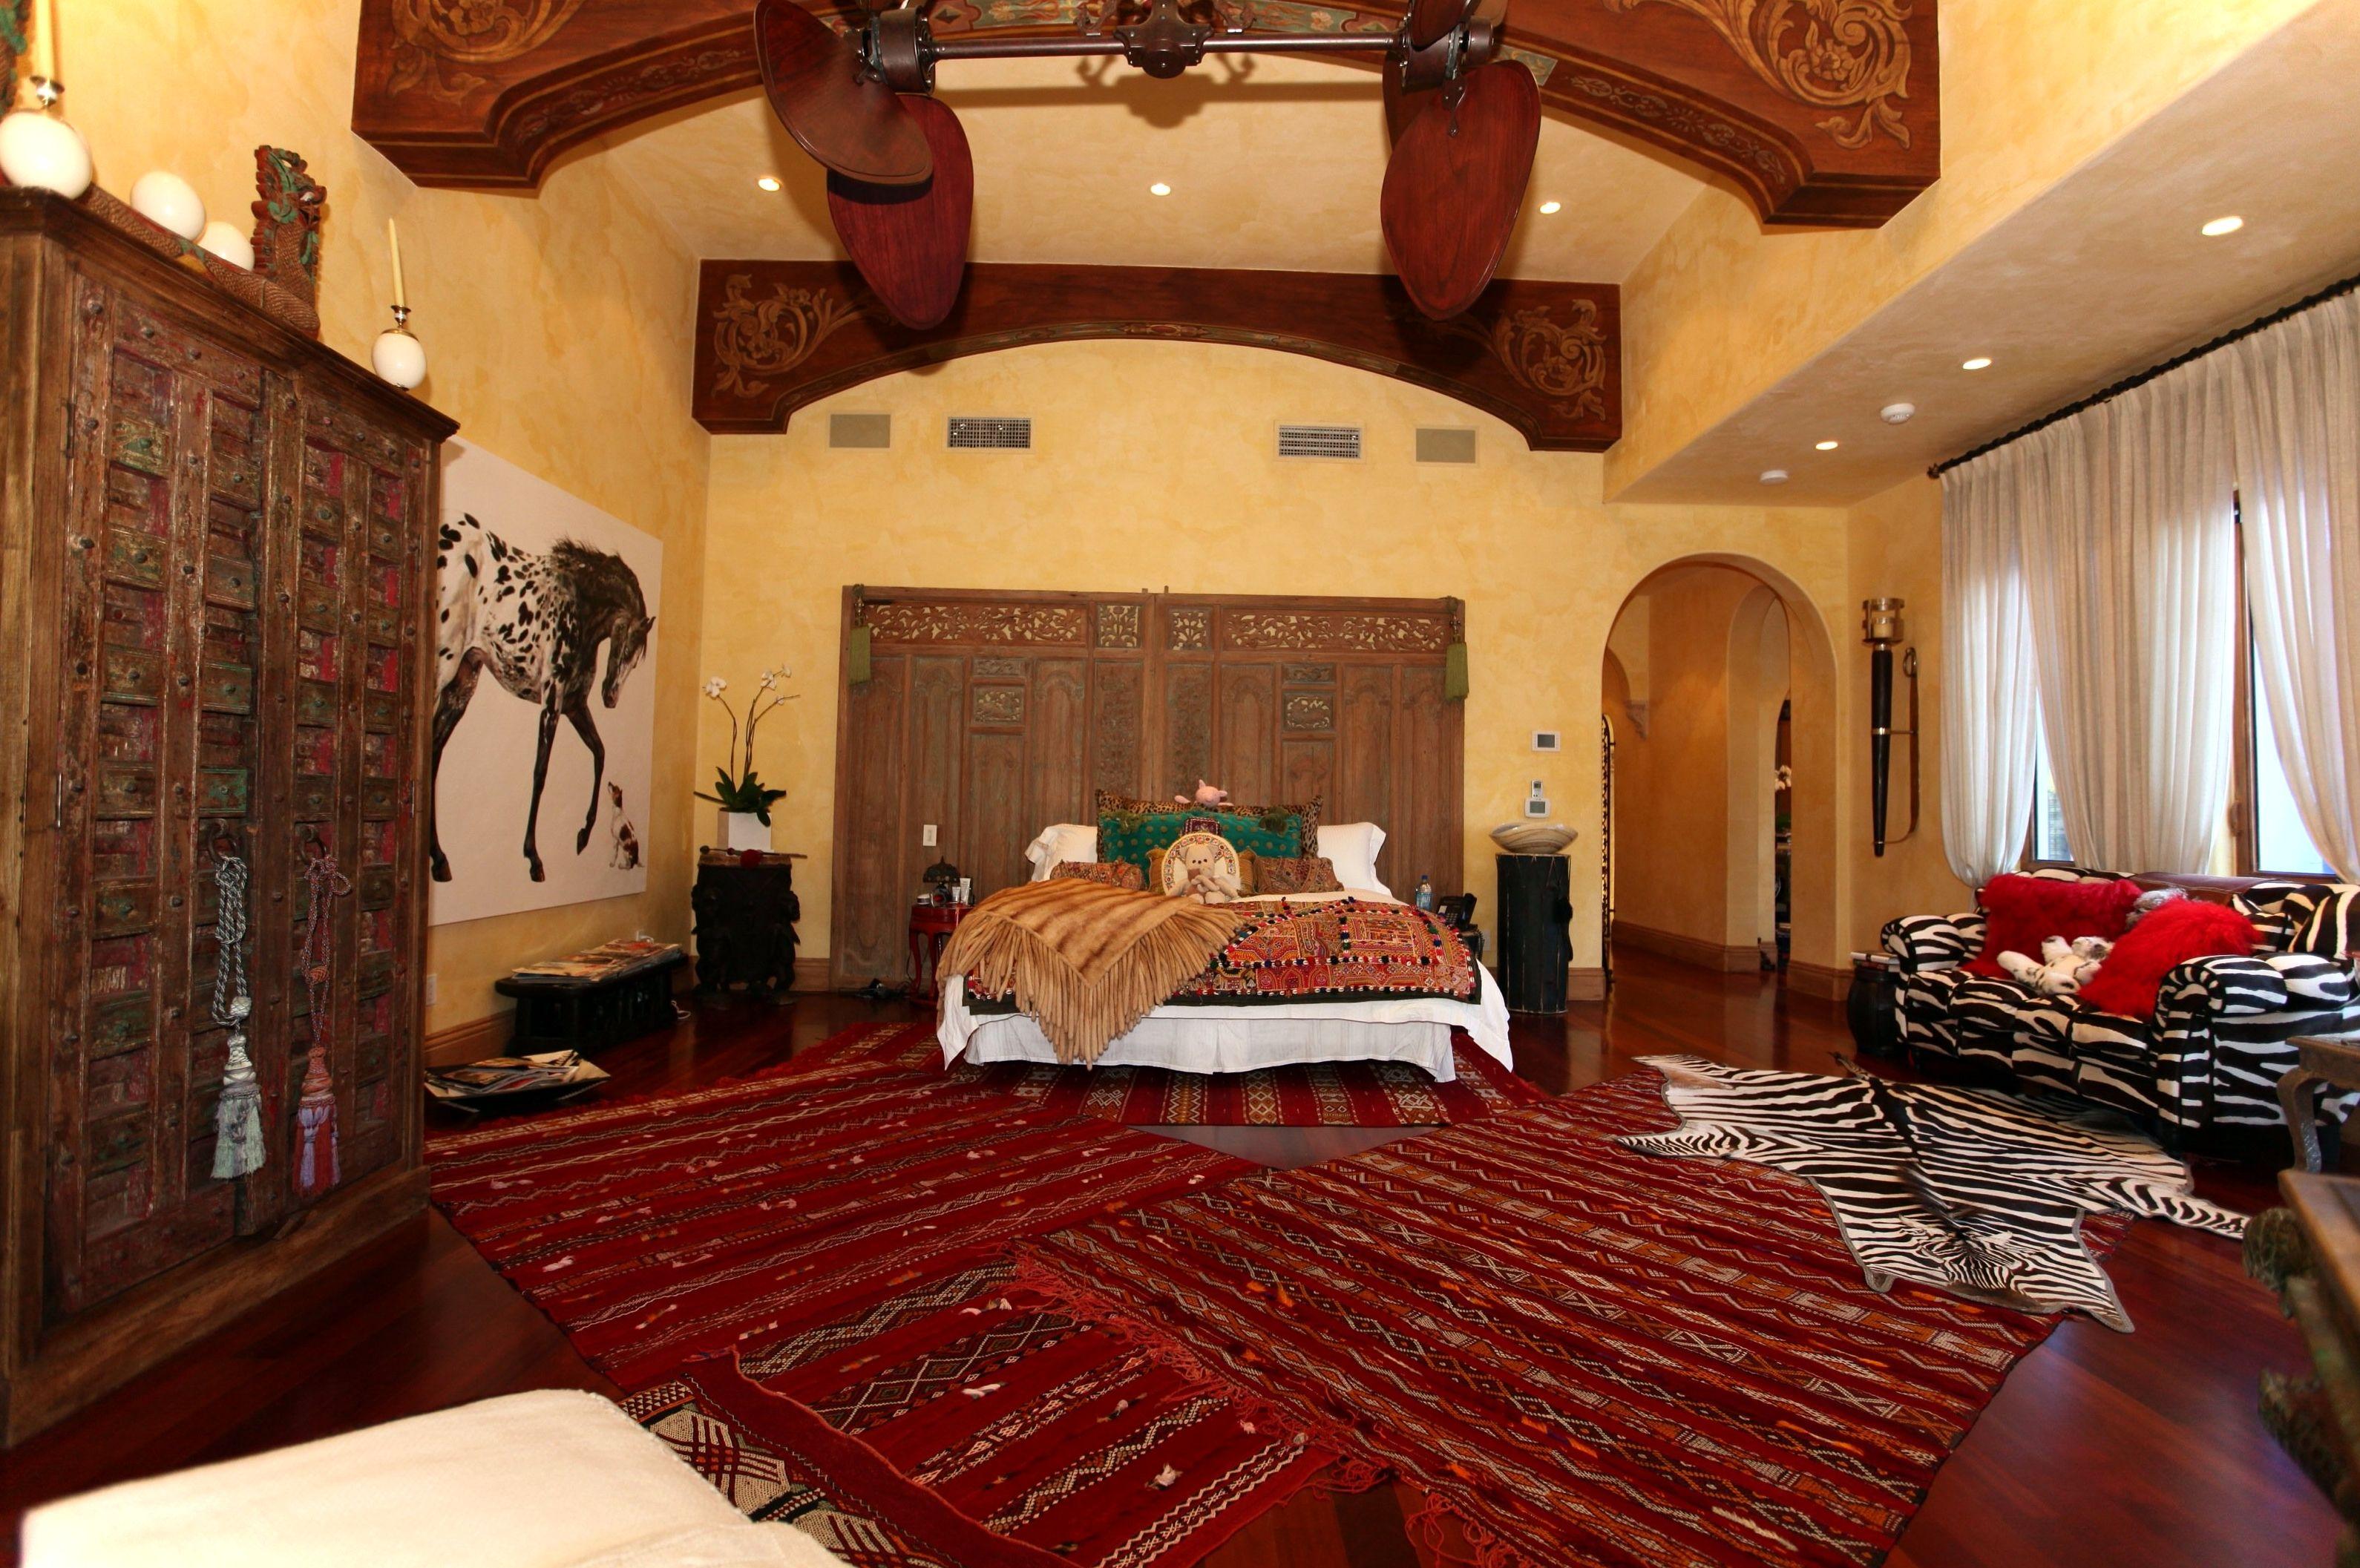 صور غرف نوم مغربية بديكورات حديثة وفخمة ميكساتك